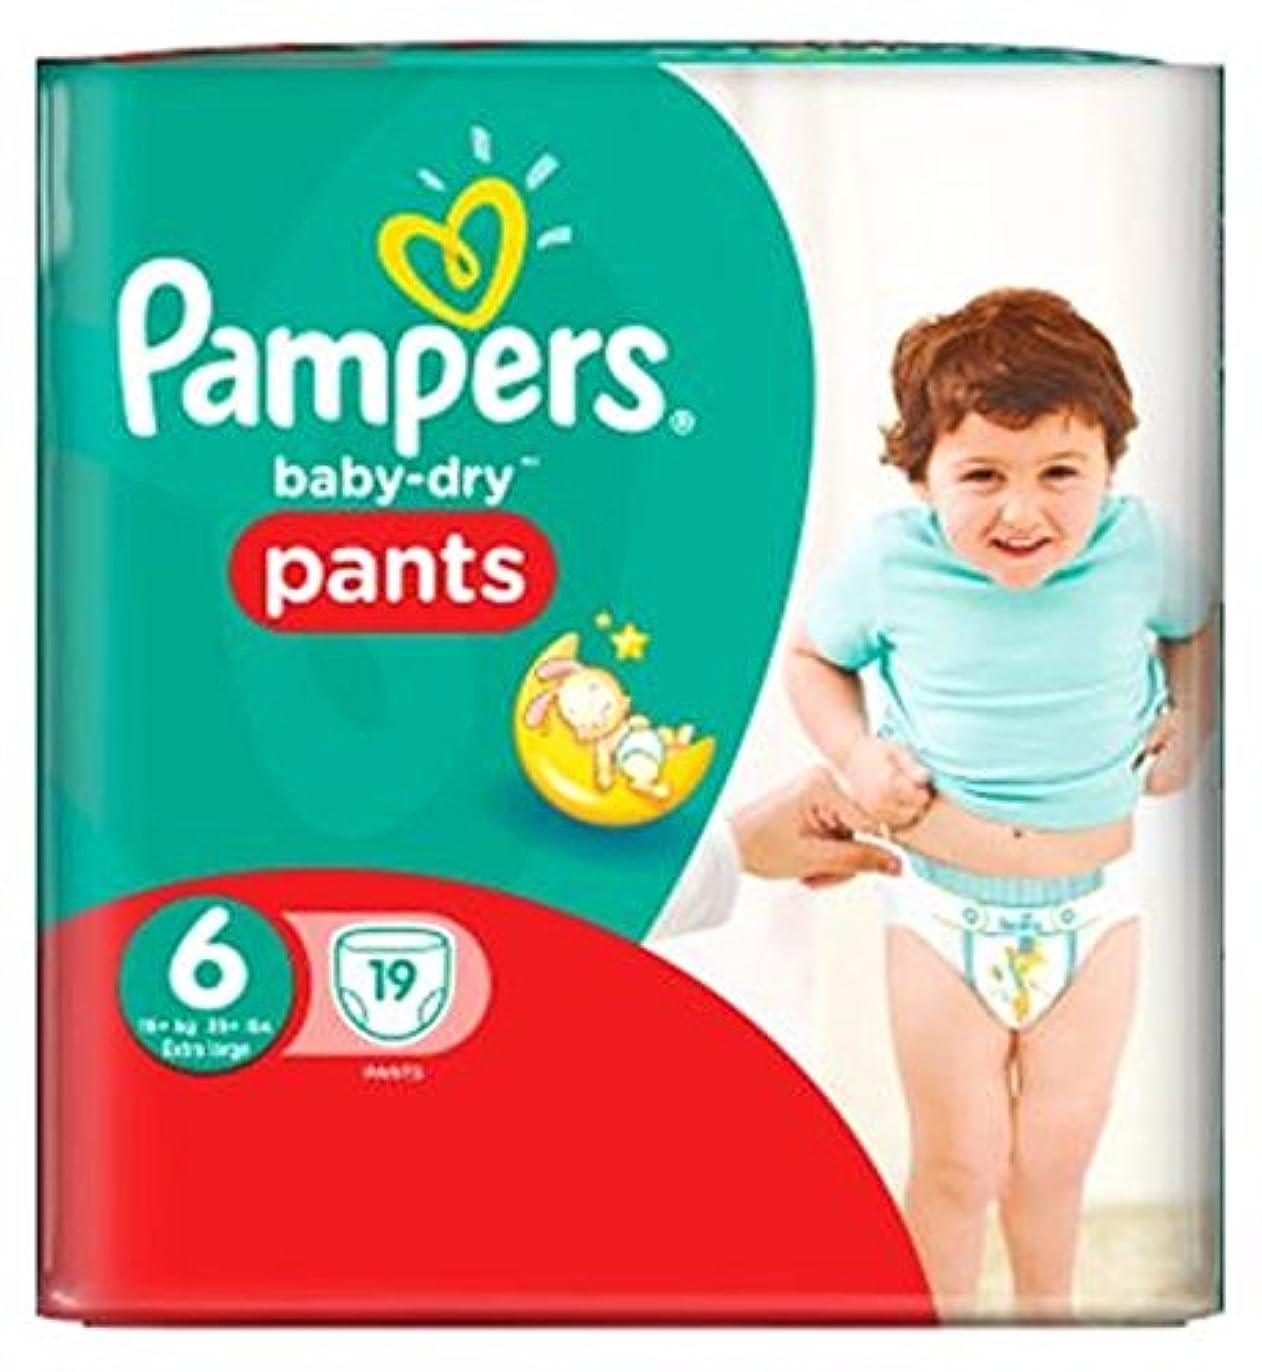 航海共役職人パンパースベビードライパンツサイズ6キャリーパック19 (Pampers) (x2) - Pampers Baby-Dry PANTS Size 6 Carry Pack 19 (Pack of 2) [並行輸入品]